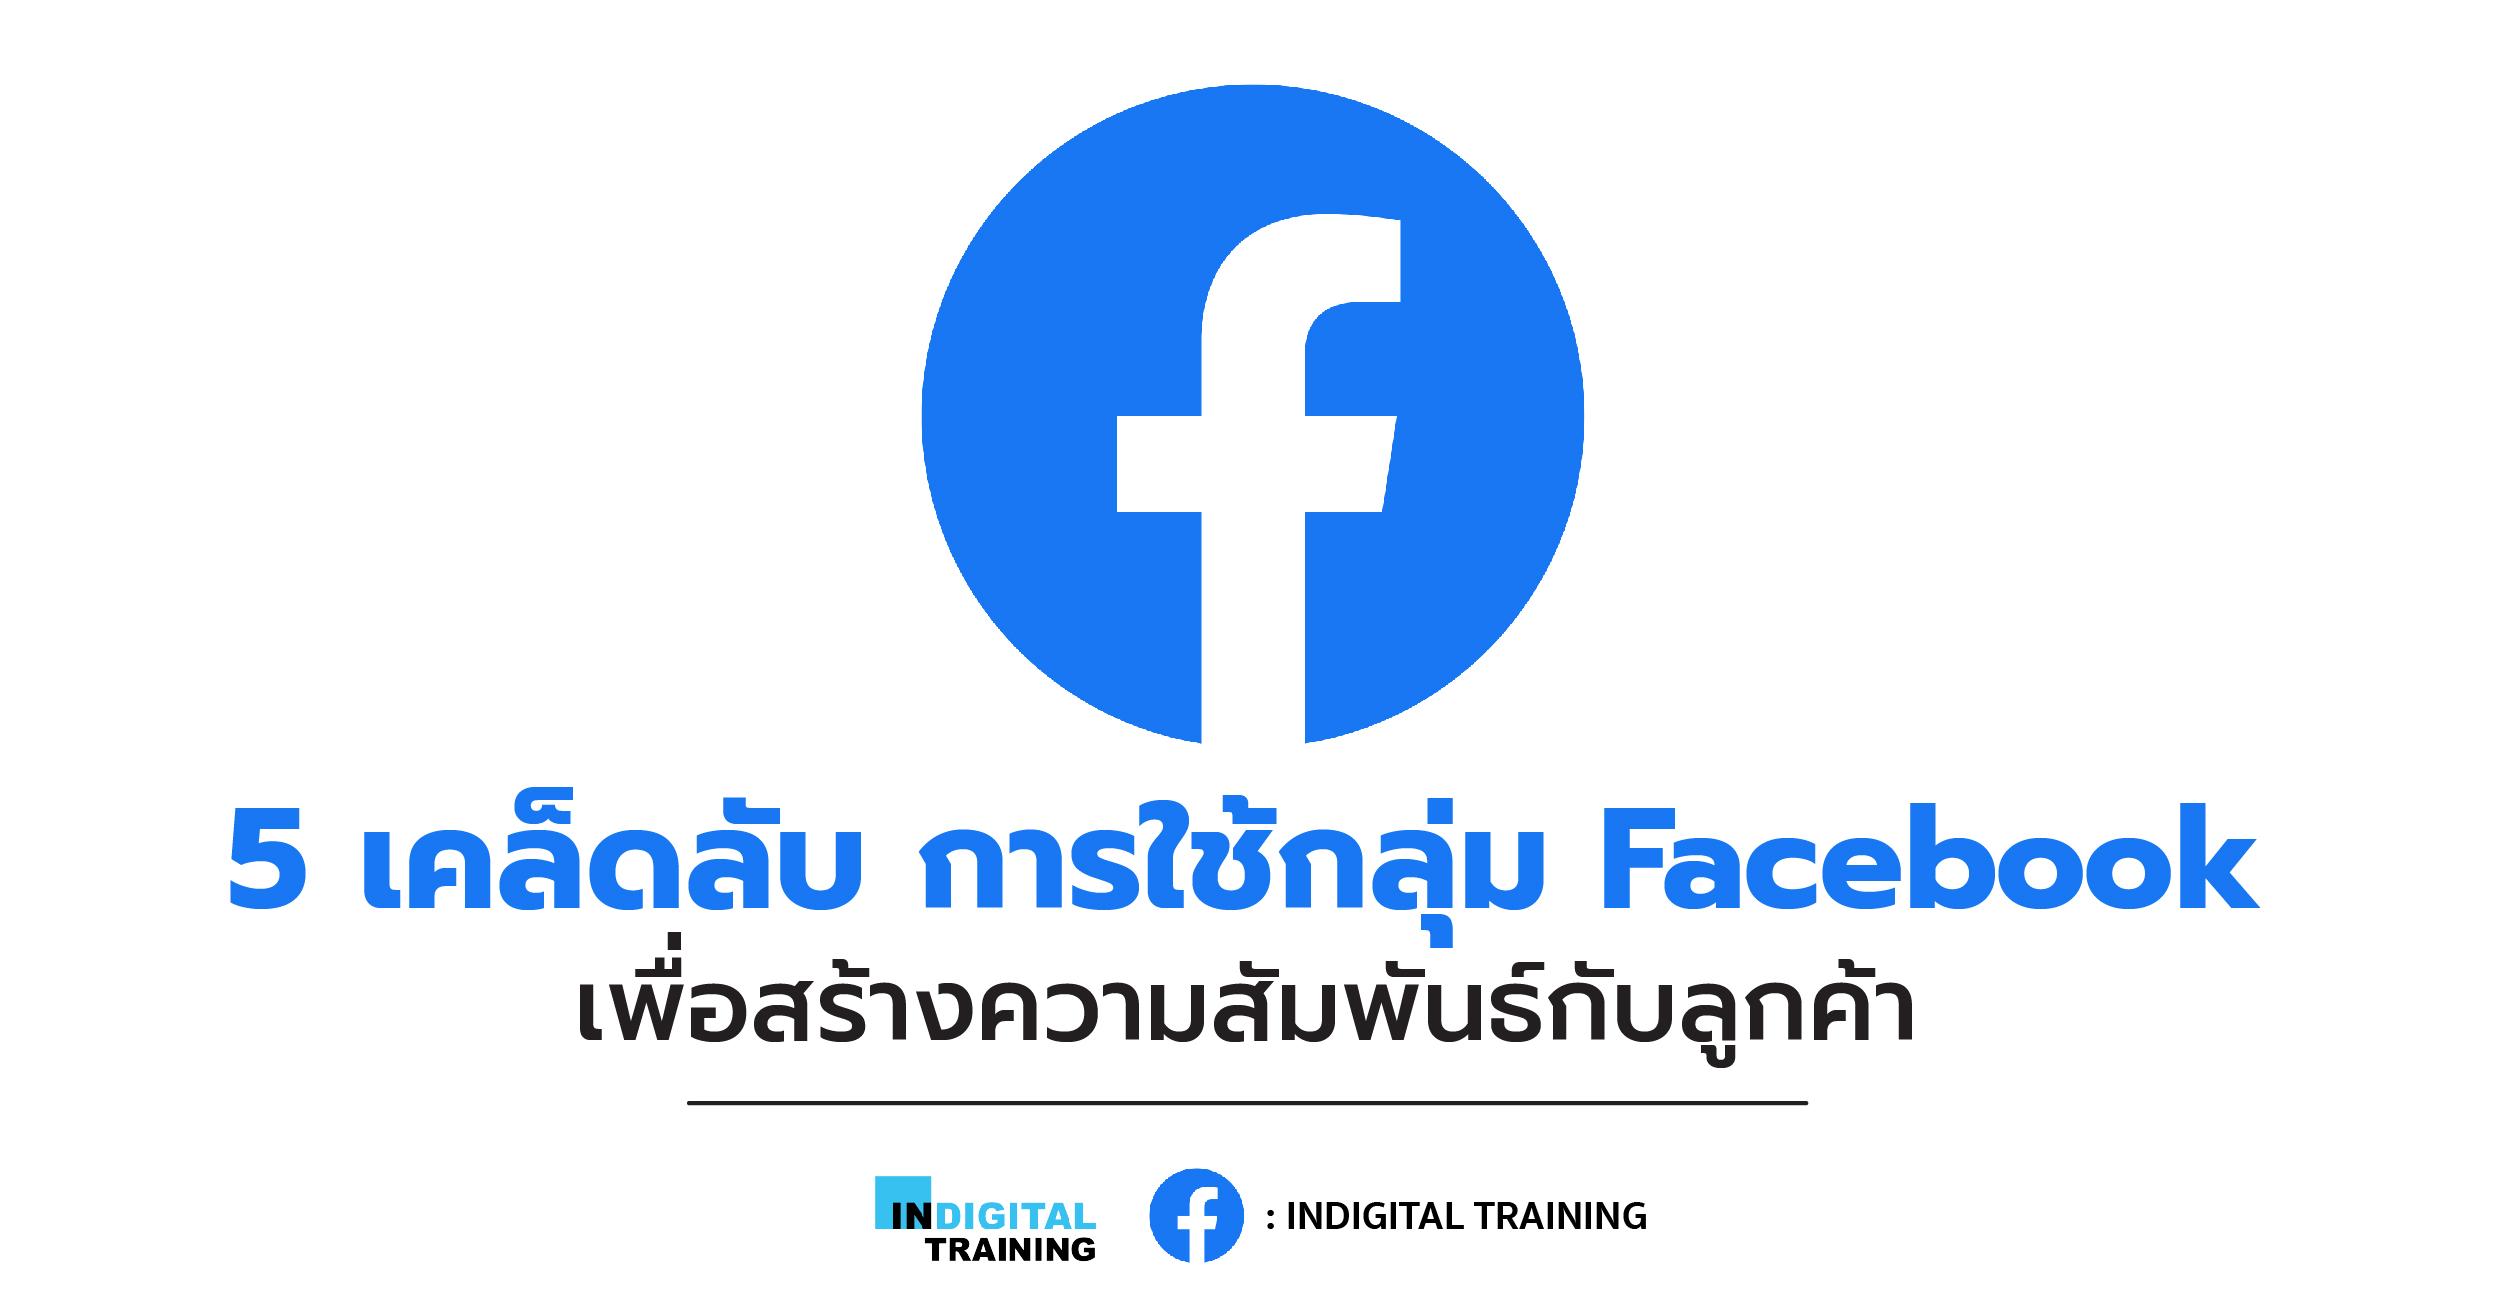 5 เคล็ดลับ การใช้กลุ่ม Facebook เพื่อสร้างความสัมพันธ์กับลูกค้า